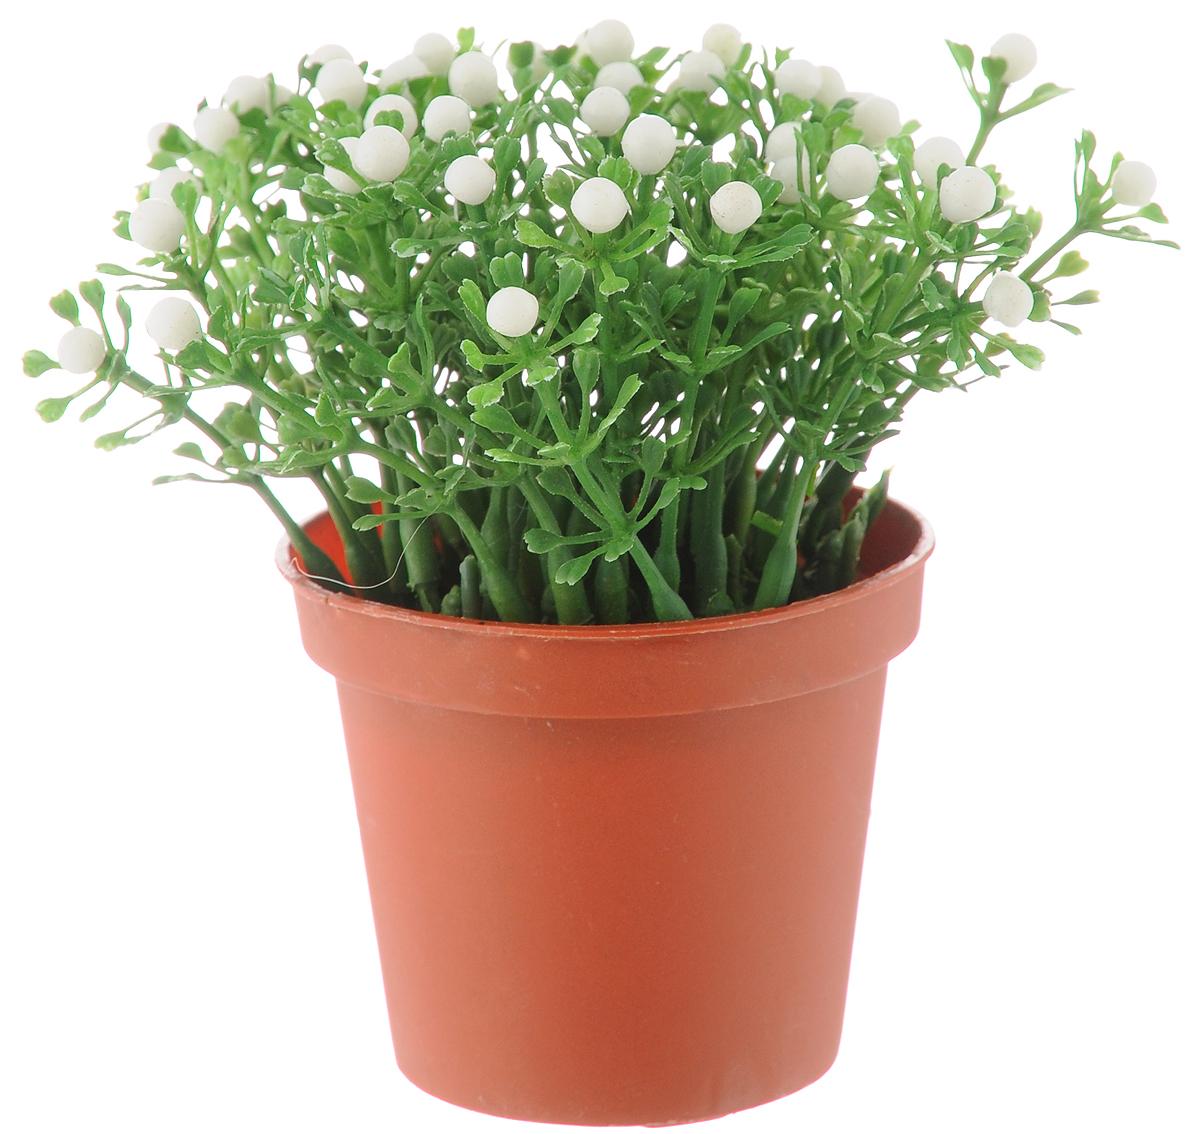 Растение искусственное для мини-сада Bloom`its, высота 13 см. 80483804833_коричневый/зеленый/белыйИскусственное растение Bloom`its поможет создатьсвой собственный мини-сад. Заниматься ландшафтнымдизайном и декором теперь можно, даже если у вас нетсвоего загородного дома, причем не выходя из дома.Устройте себе удовольствие садовода, собираяминиатюрные фигурки и составляя из них различныекомпозиции. Объедините миниатюрные изделия в емкости(керамический горшок, корзина, деревянный ящик илистеклянная посуда) и добавьте мини-растения. Это поможет увлекательно провести время,раскроет ваше воображение и фантазию, а результатработы станет стильным и необычным украшениеминтерьера.Высота растения: 13 см. Диаметр растения: 11 см.